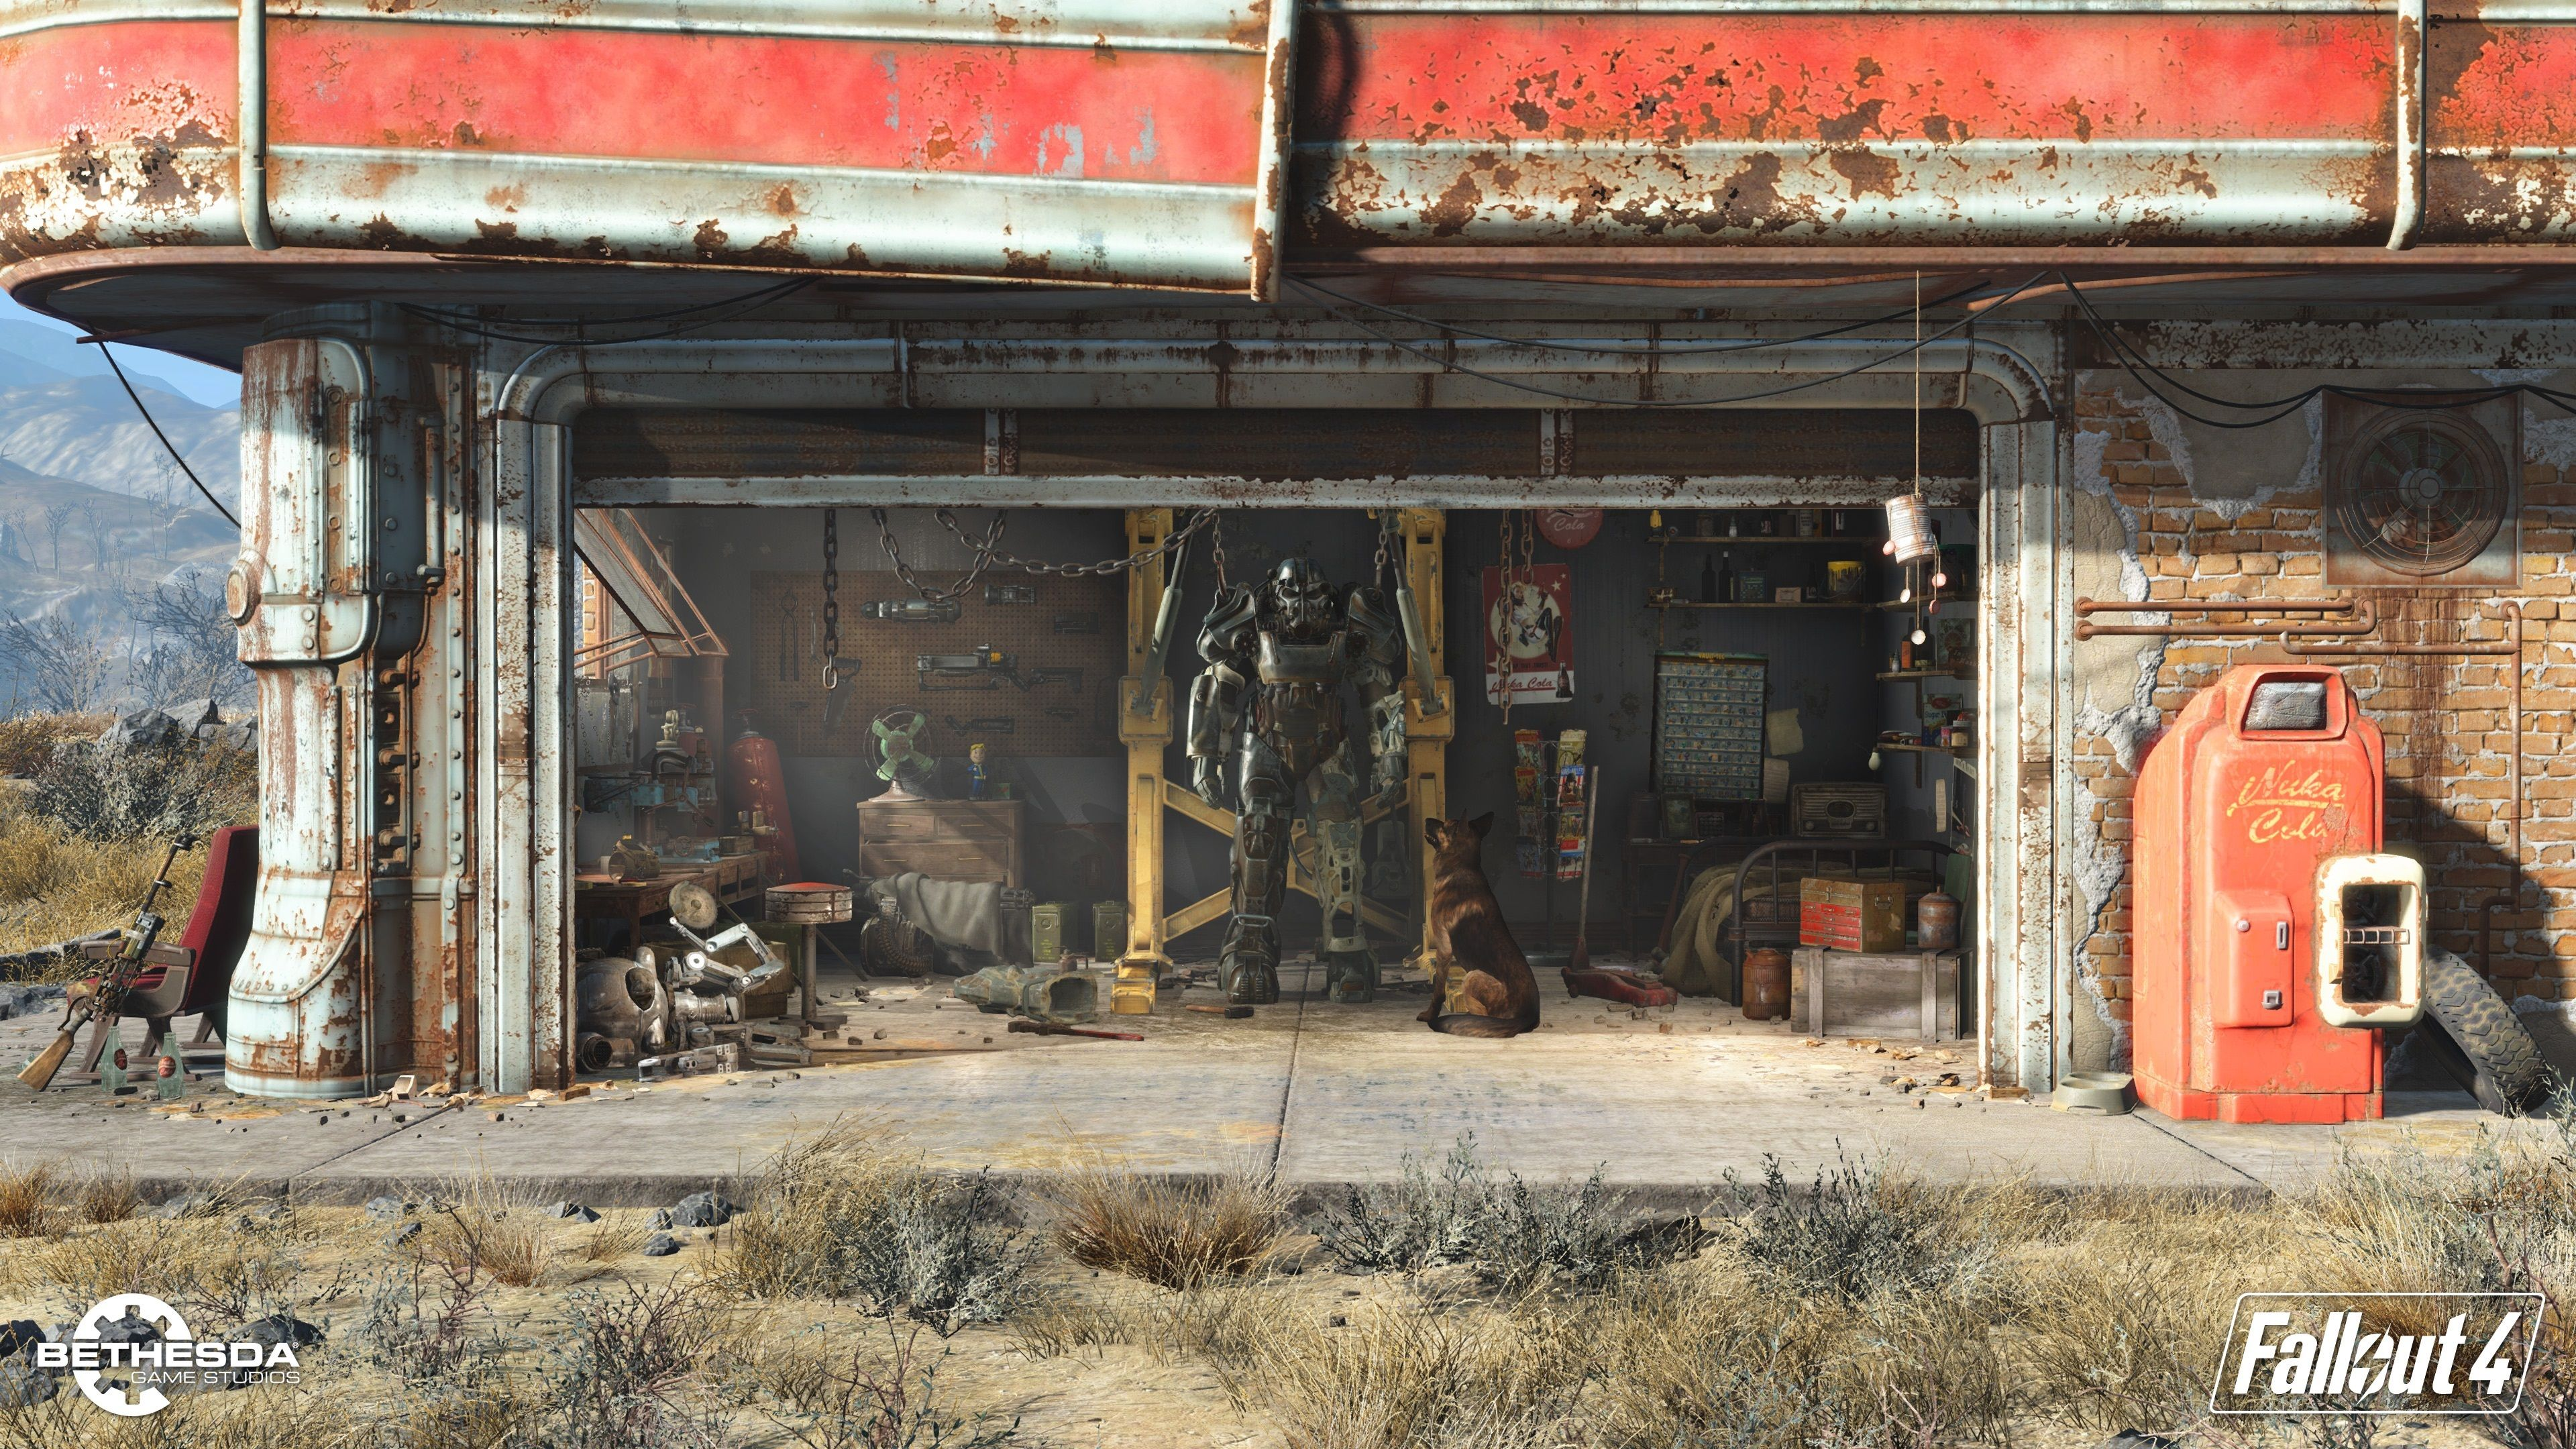 Fallout 4 (PC) - 4